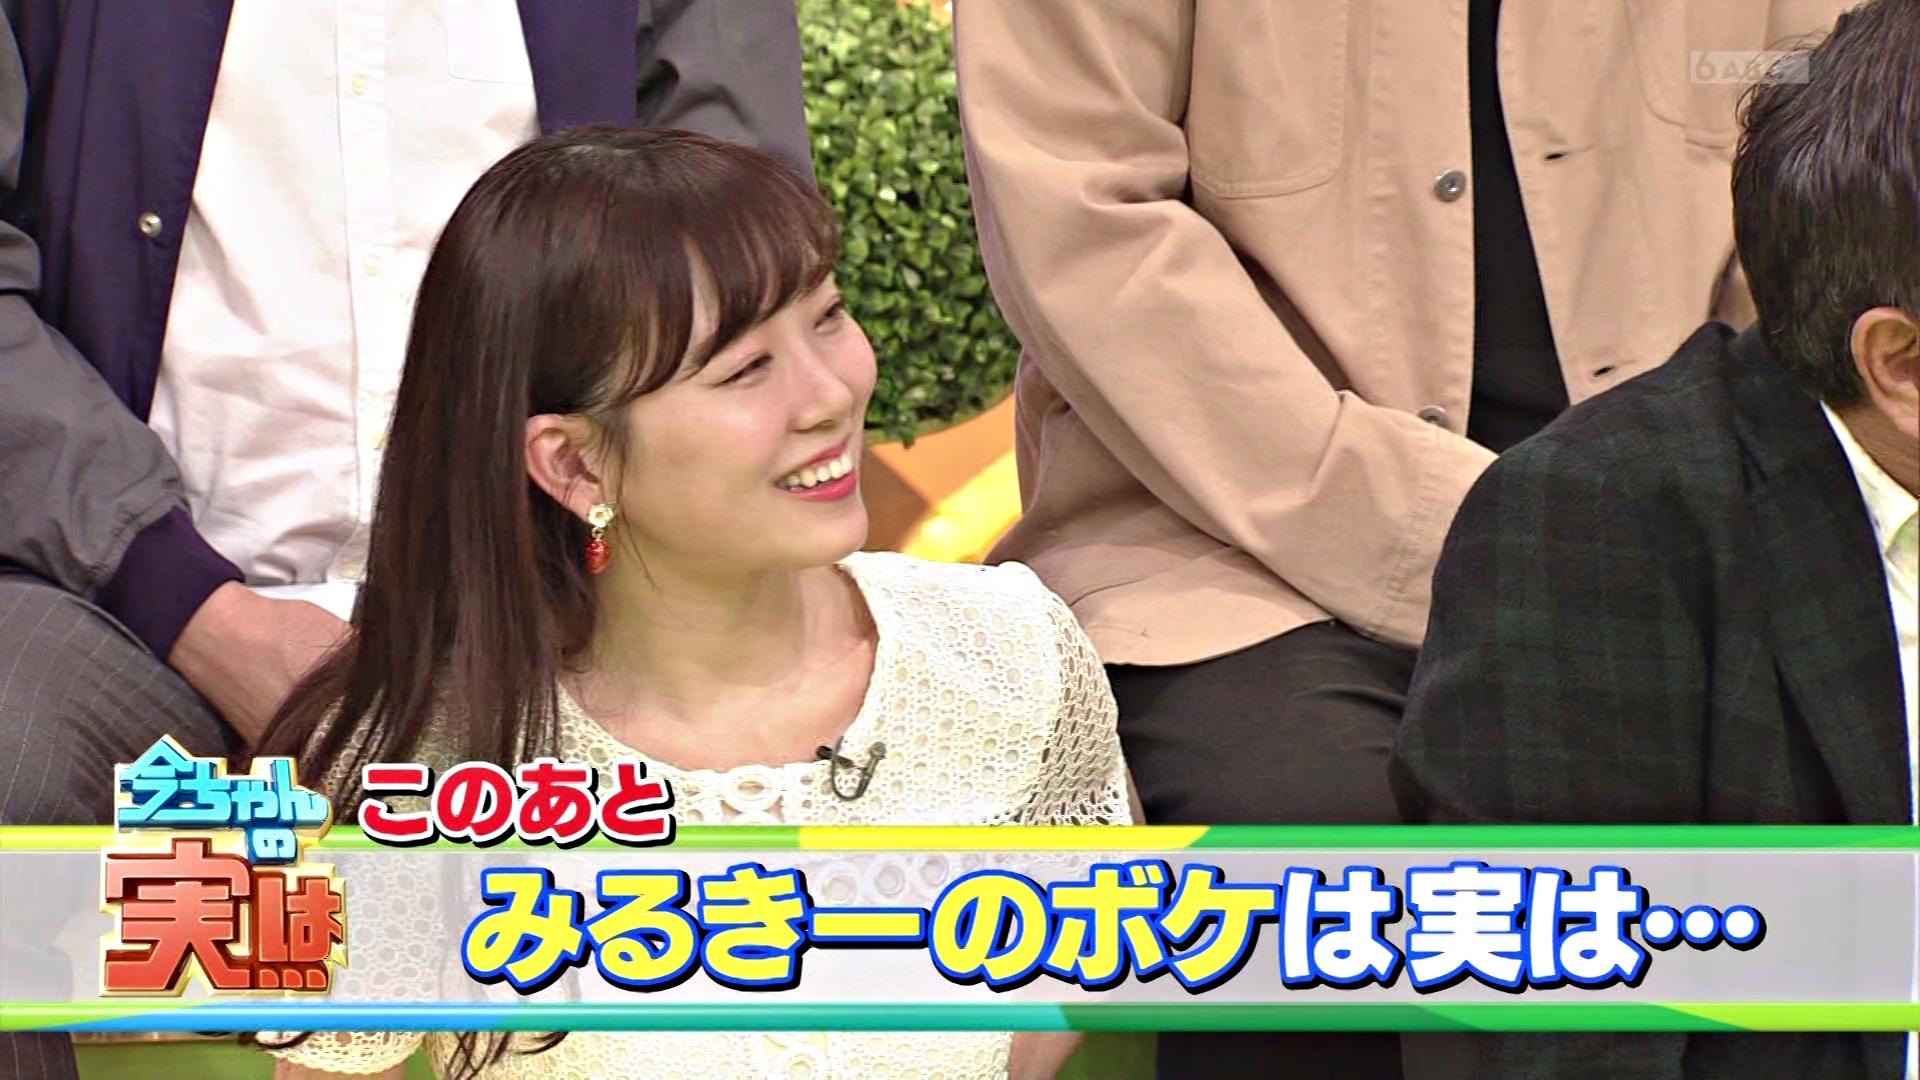 【渡辺美優紀】みるきー出演、3月13日・今ちゃんの「実は…」キャプ画像。